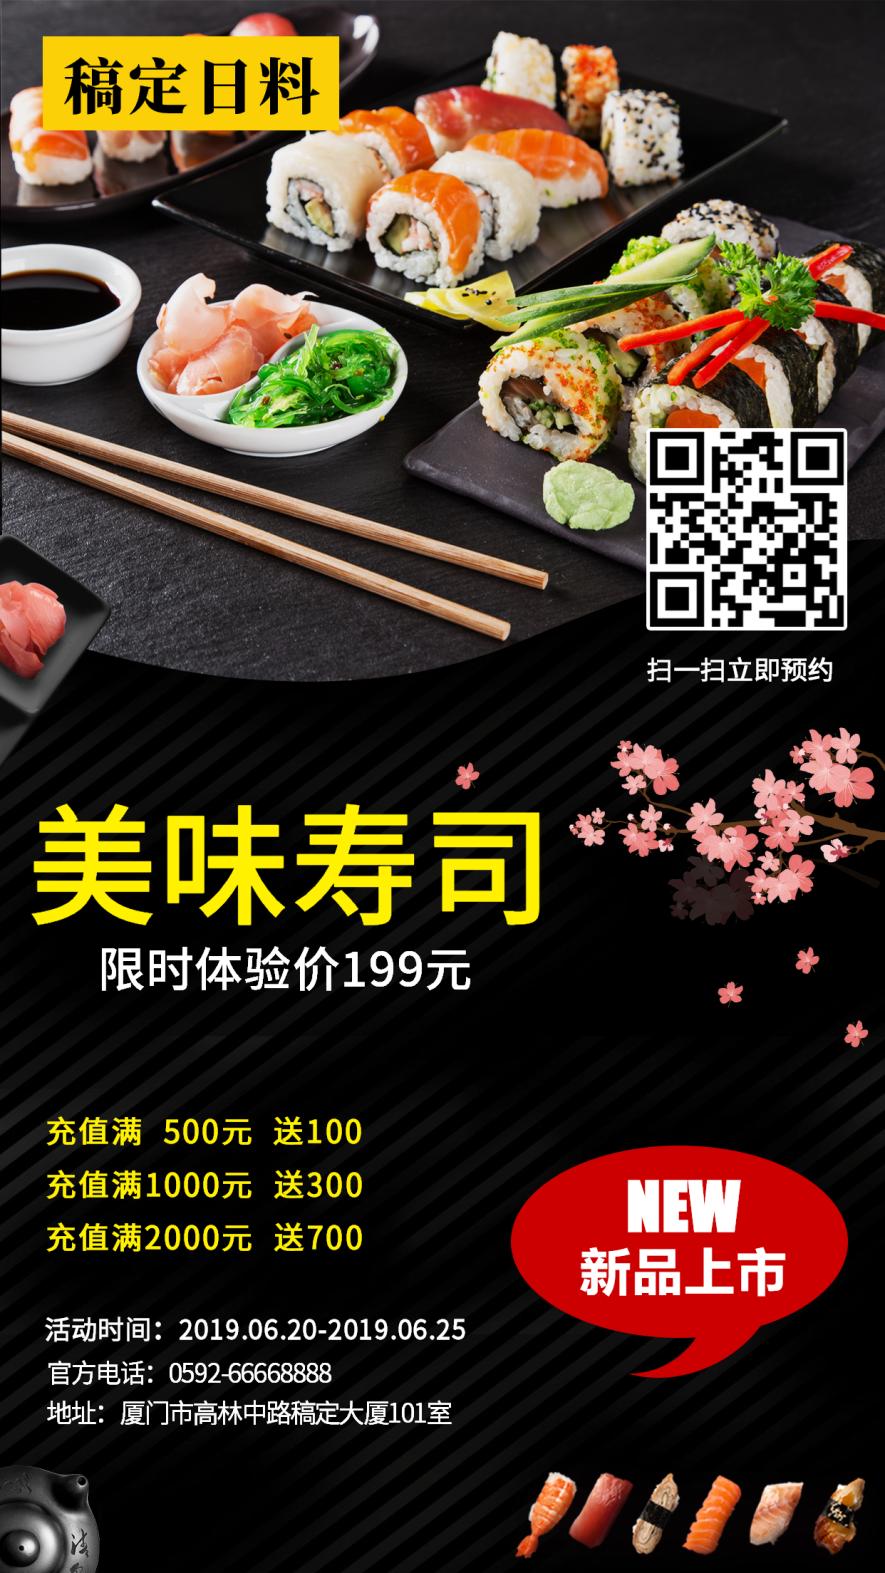 日料寿司/新品上市/手机海报